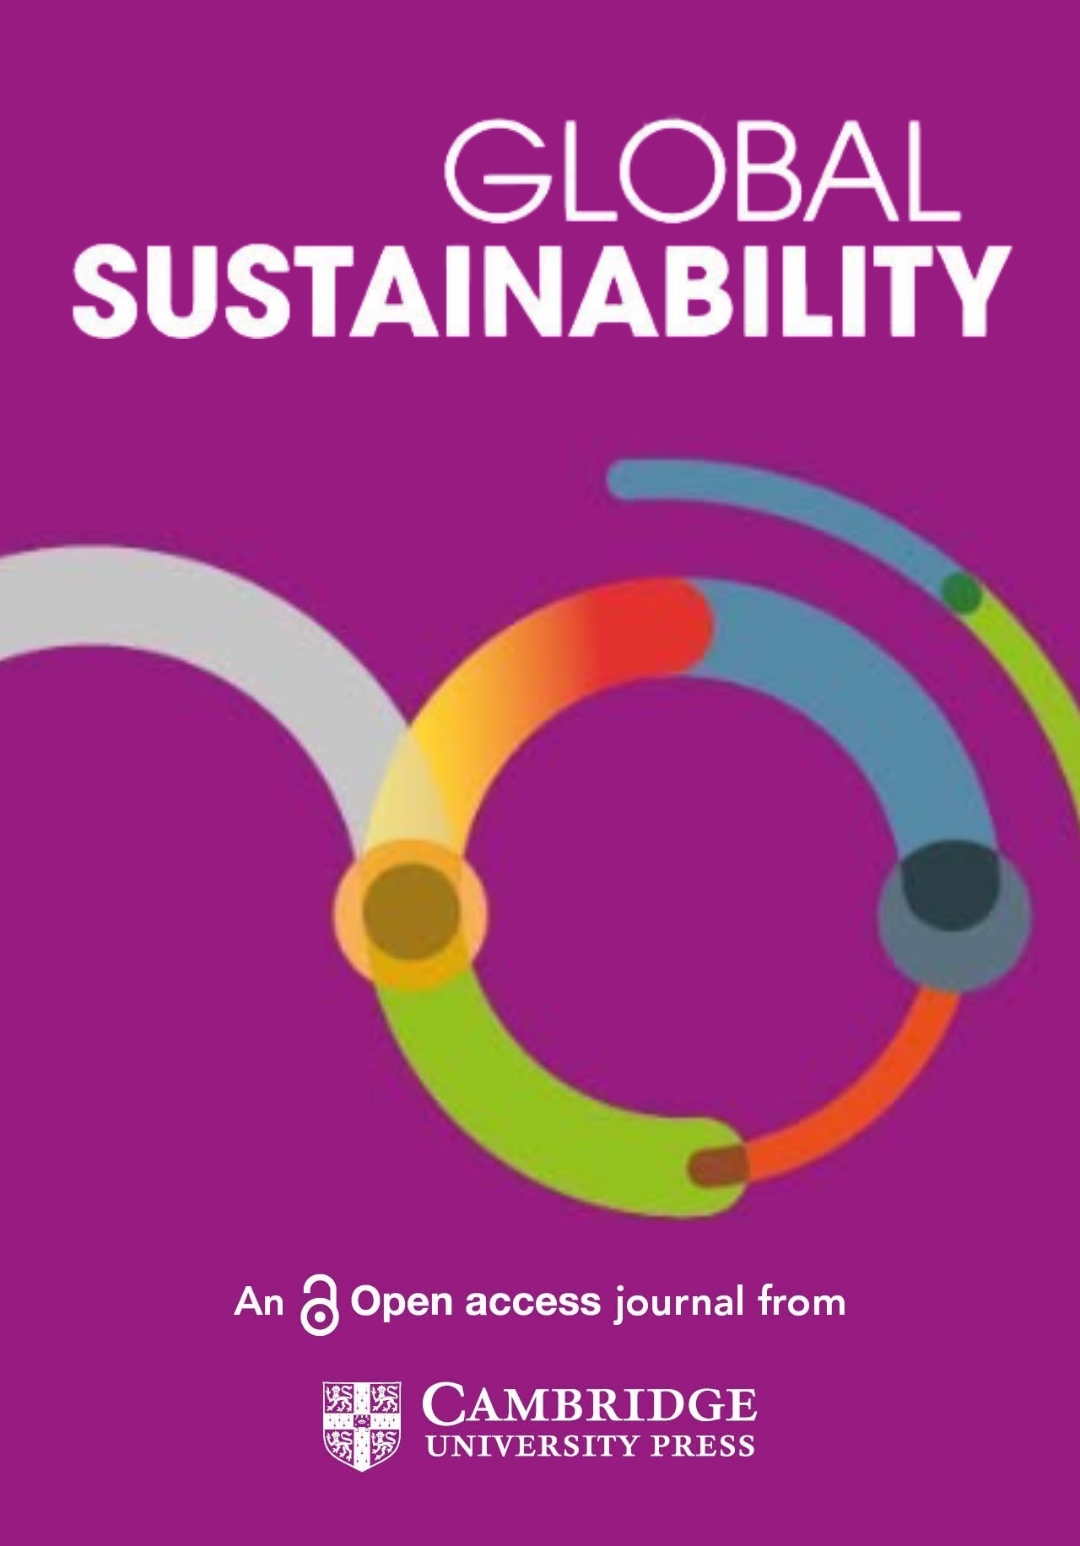 thefuture, Global Sustainability - Cambridge University